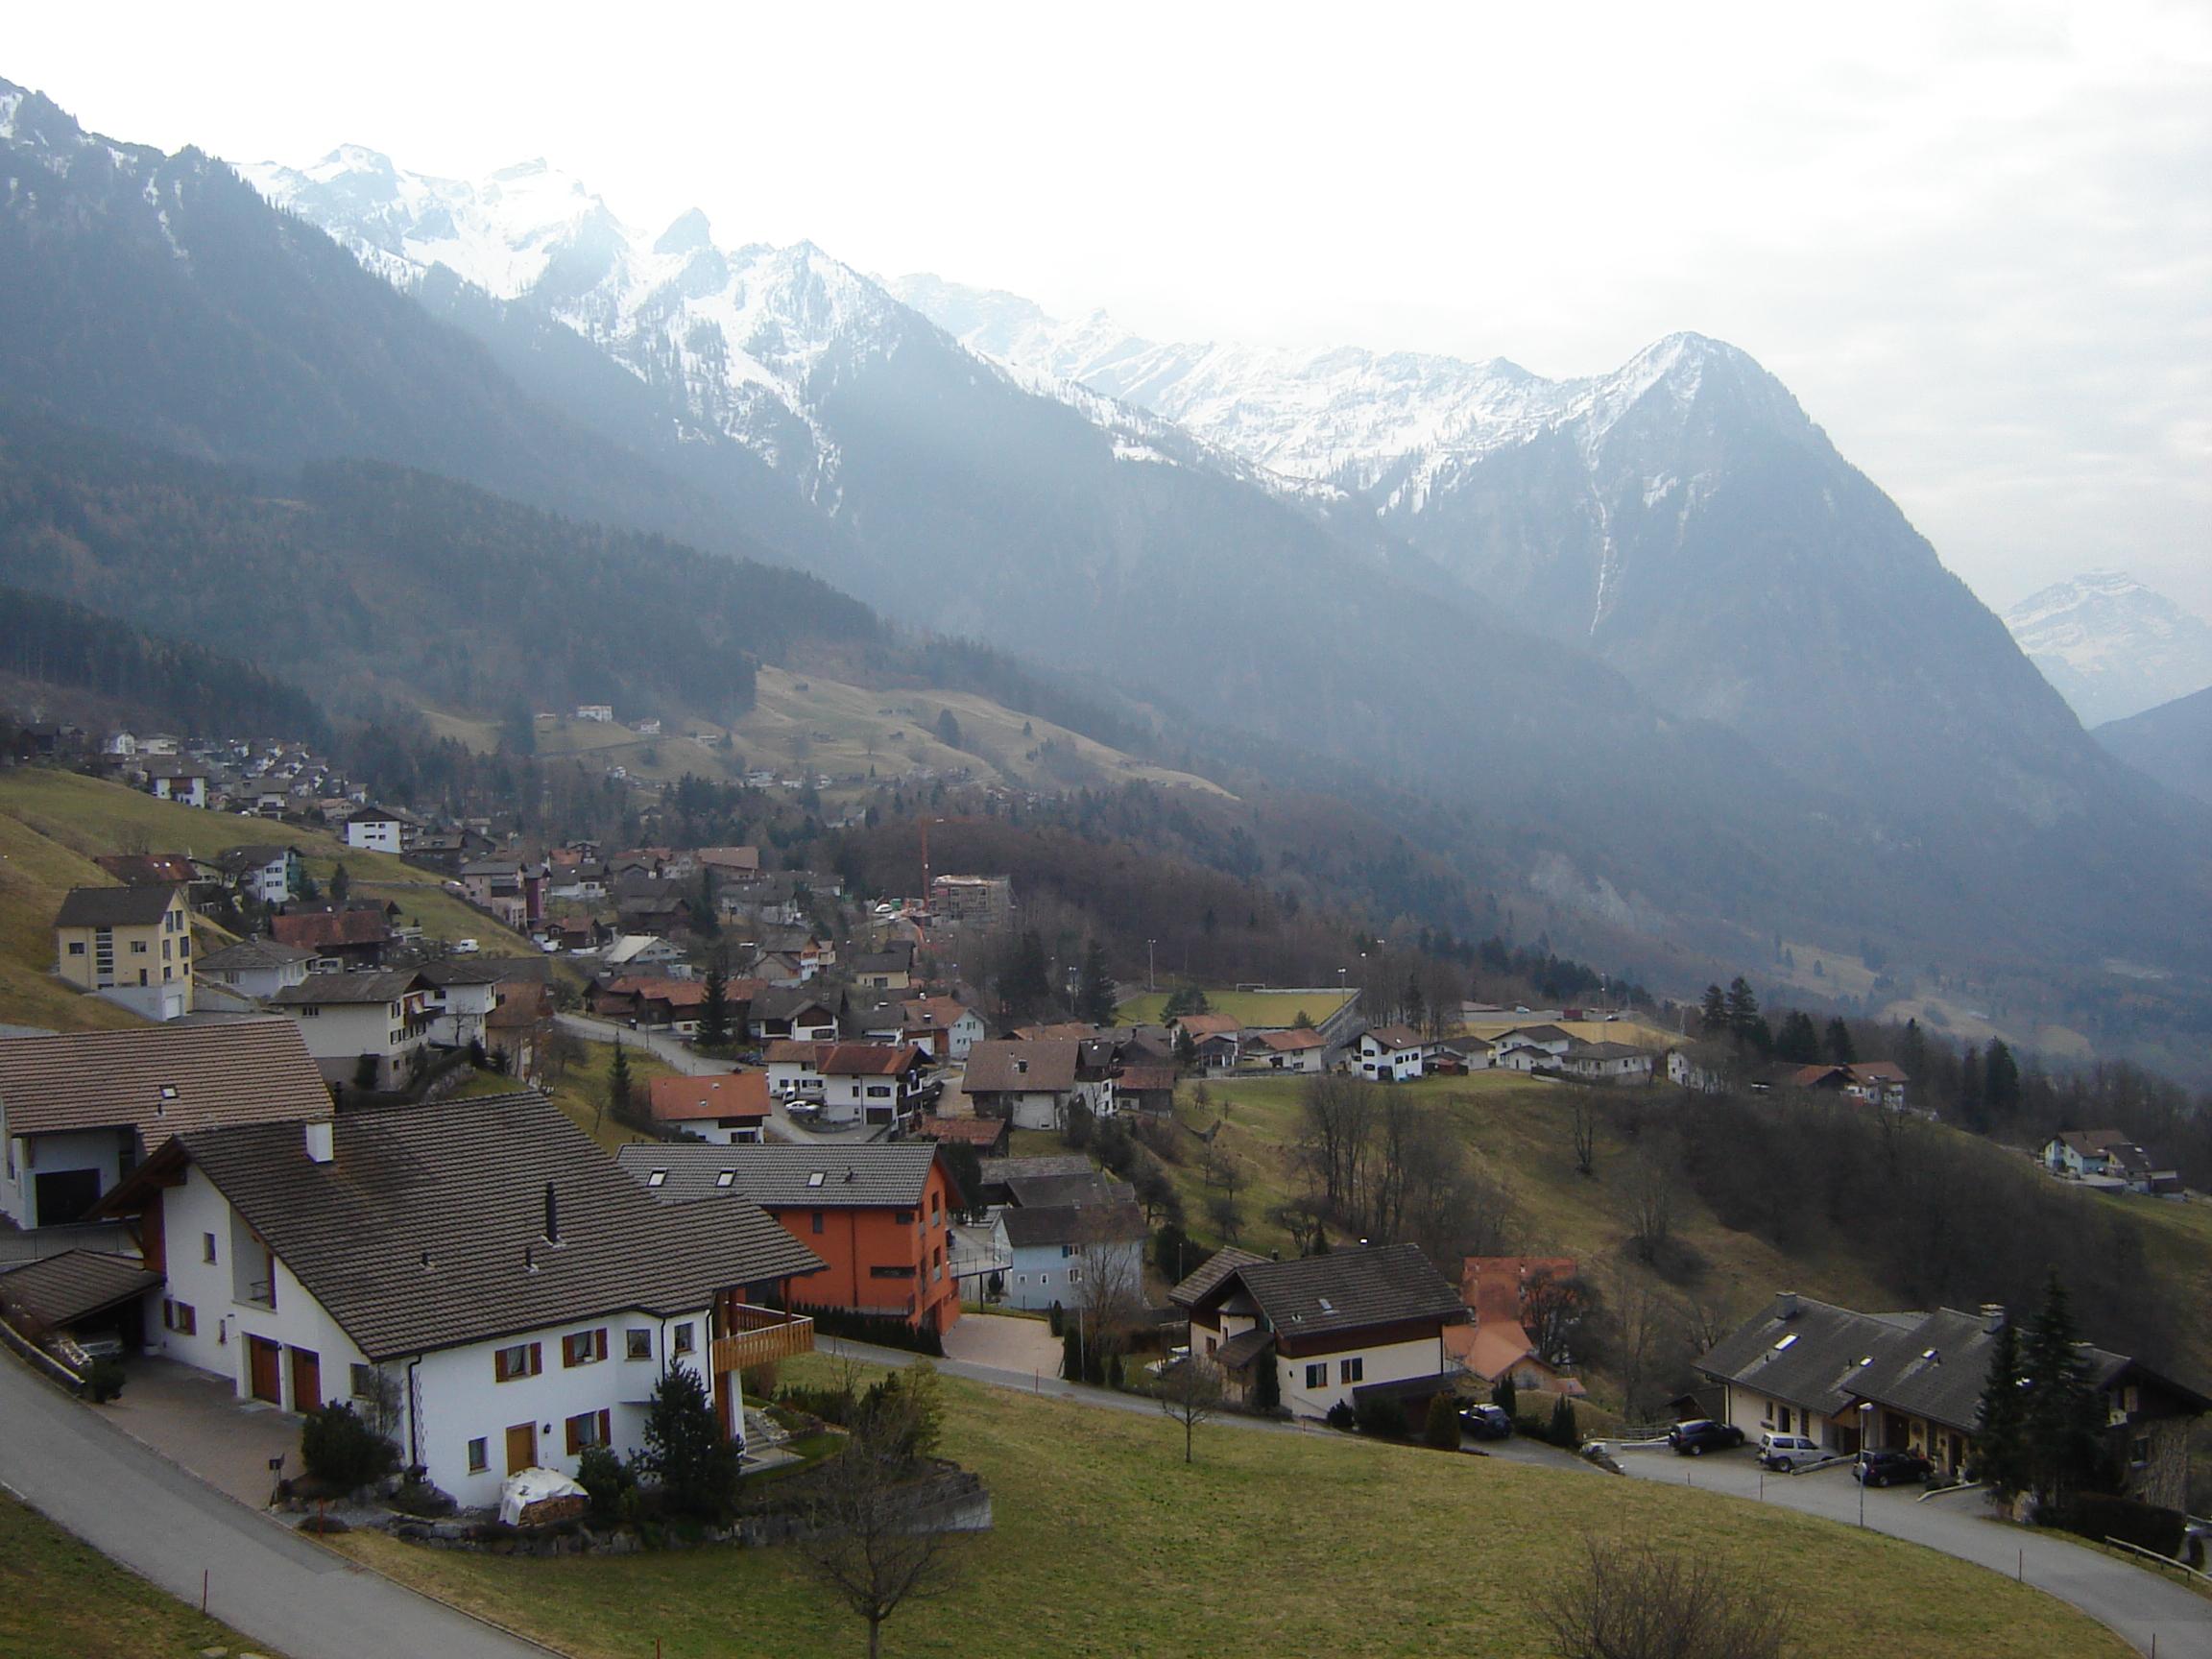 хвостовик горы в лихтенштейн фото сам